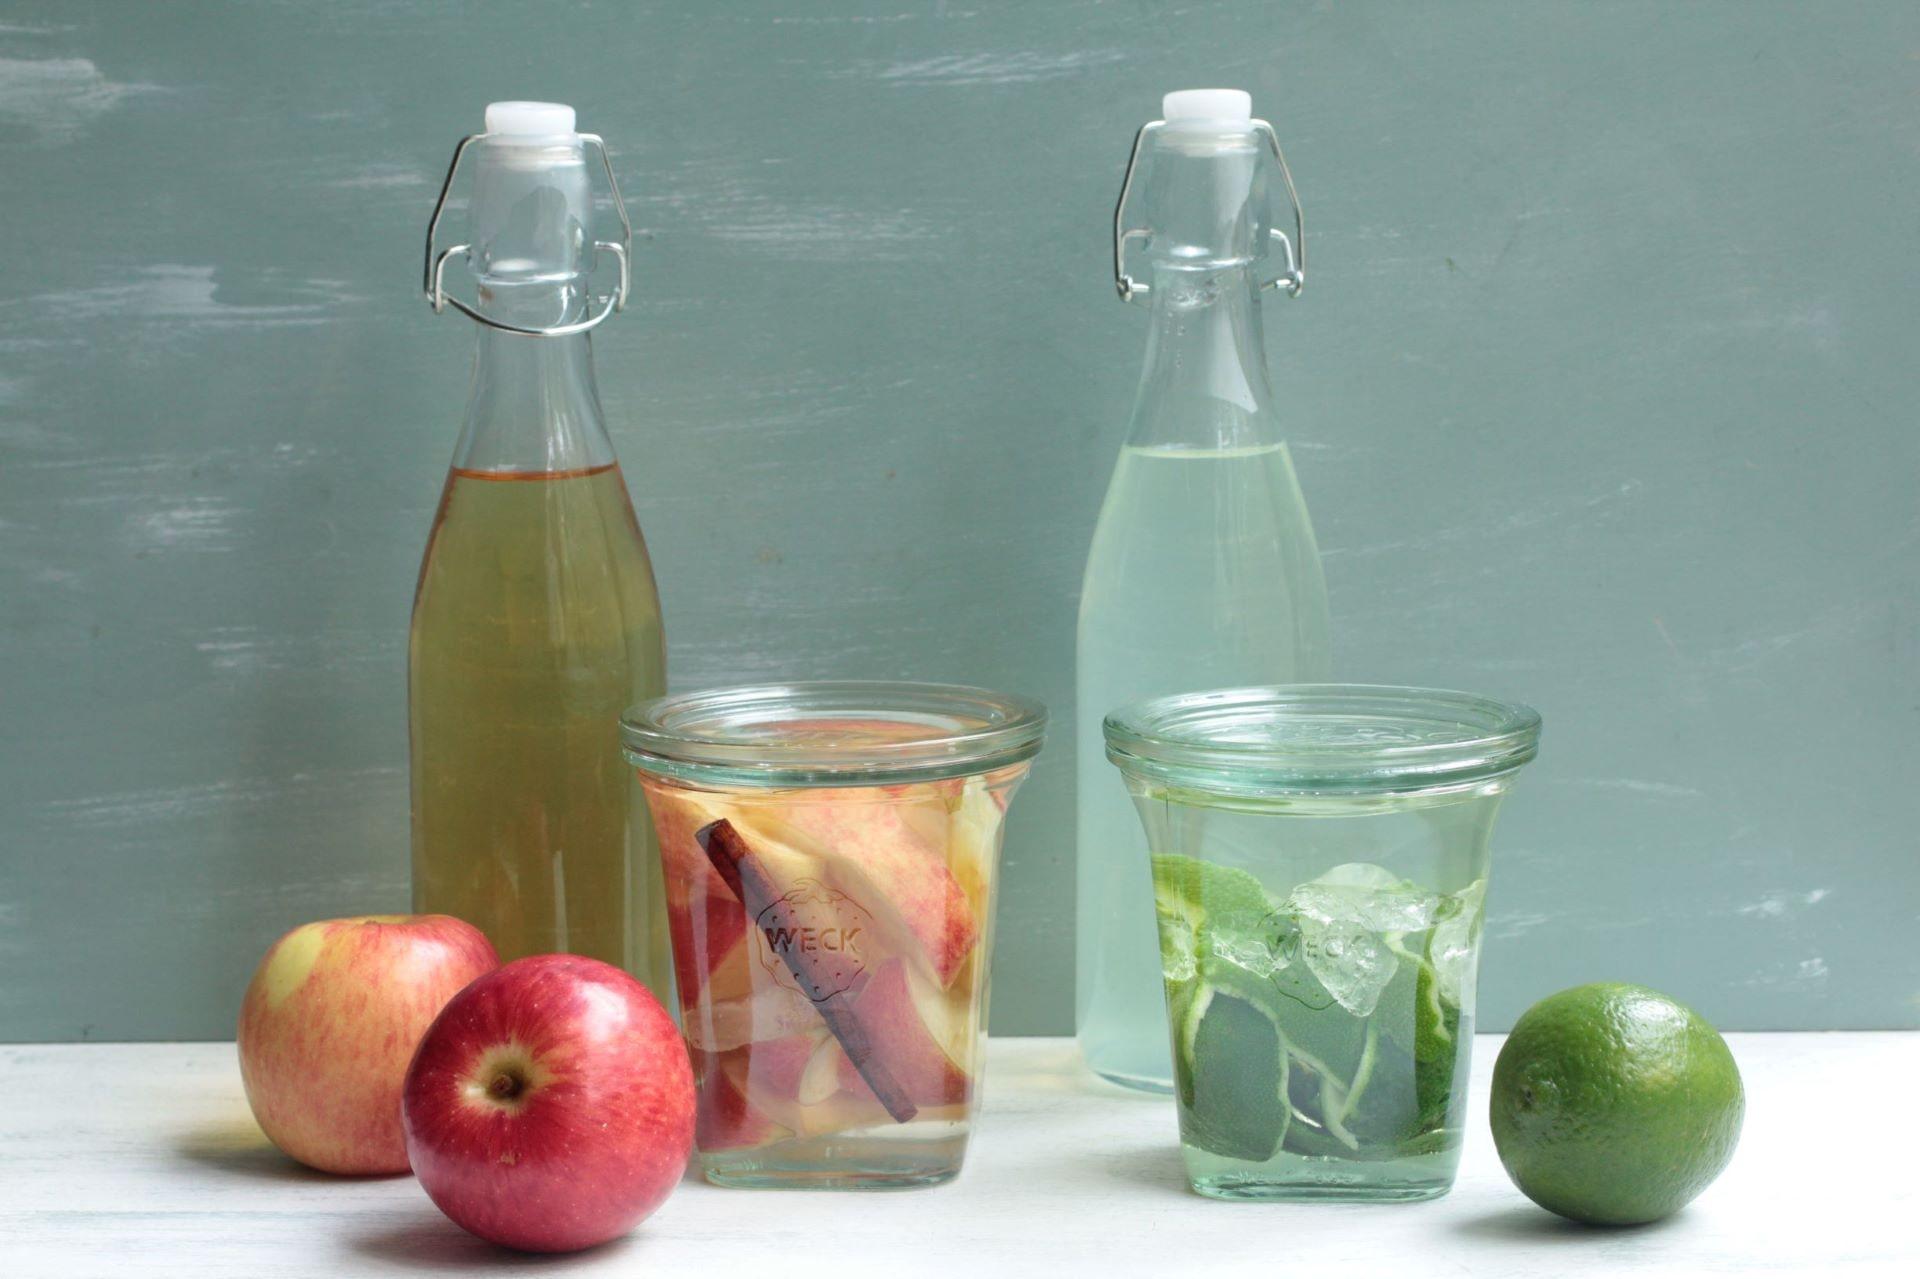 ライム酒とアップルとシナモン酒